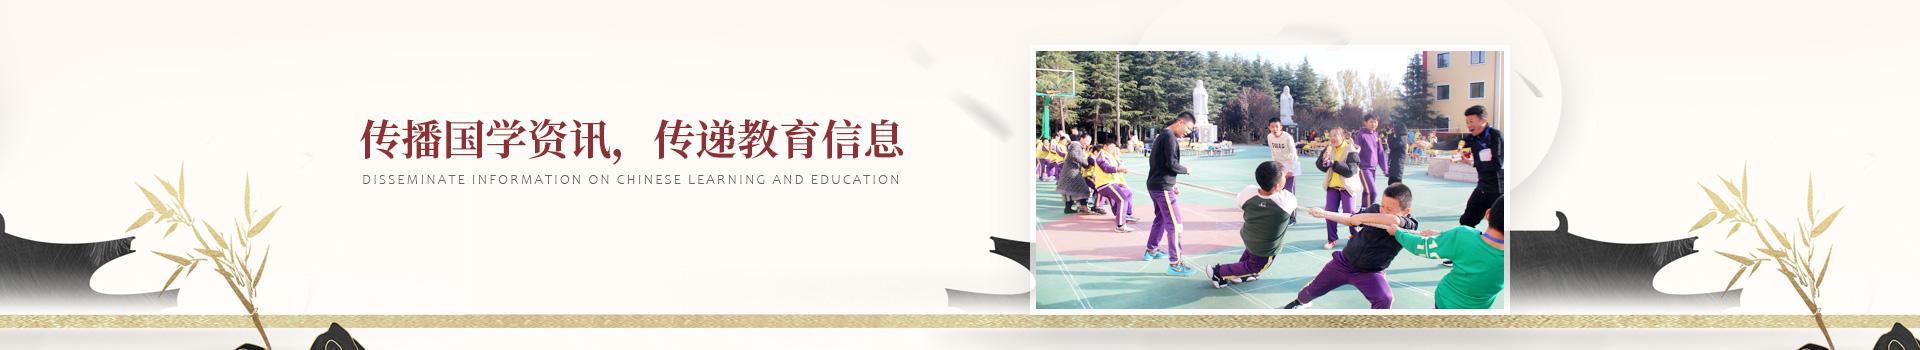 明珠国学传播国学资讯 传递教育信息